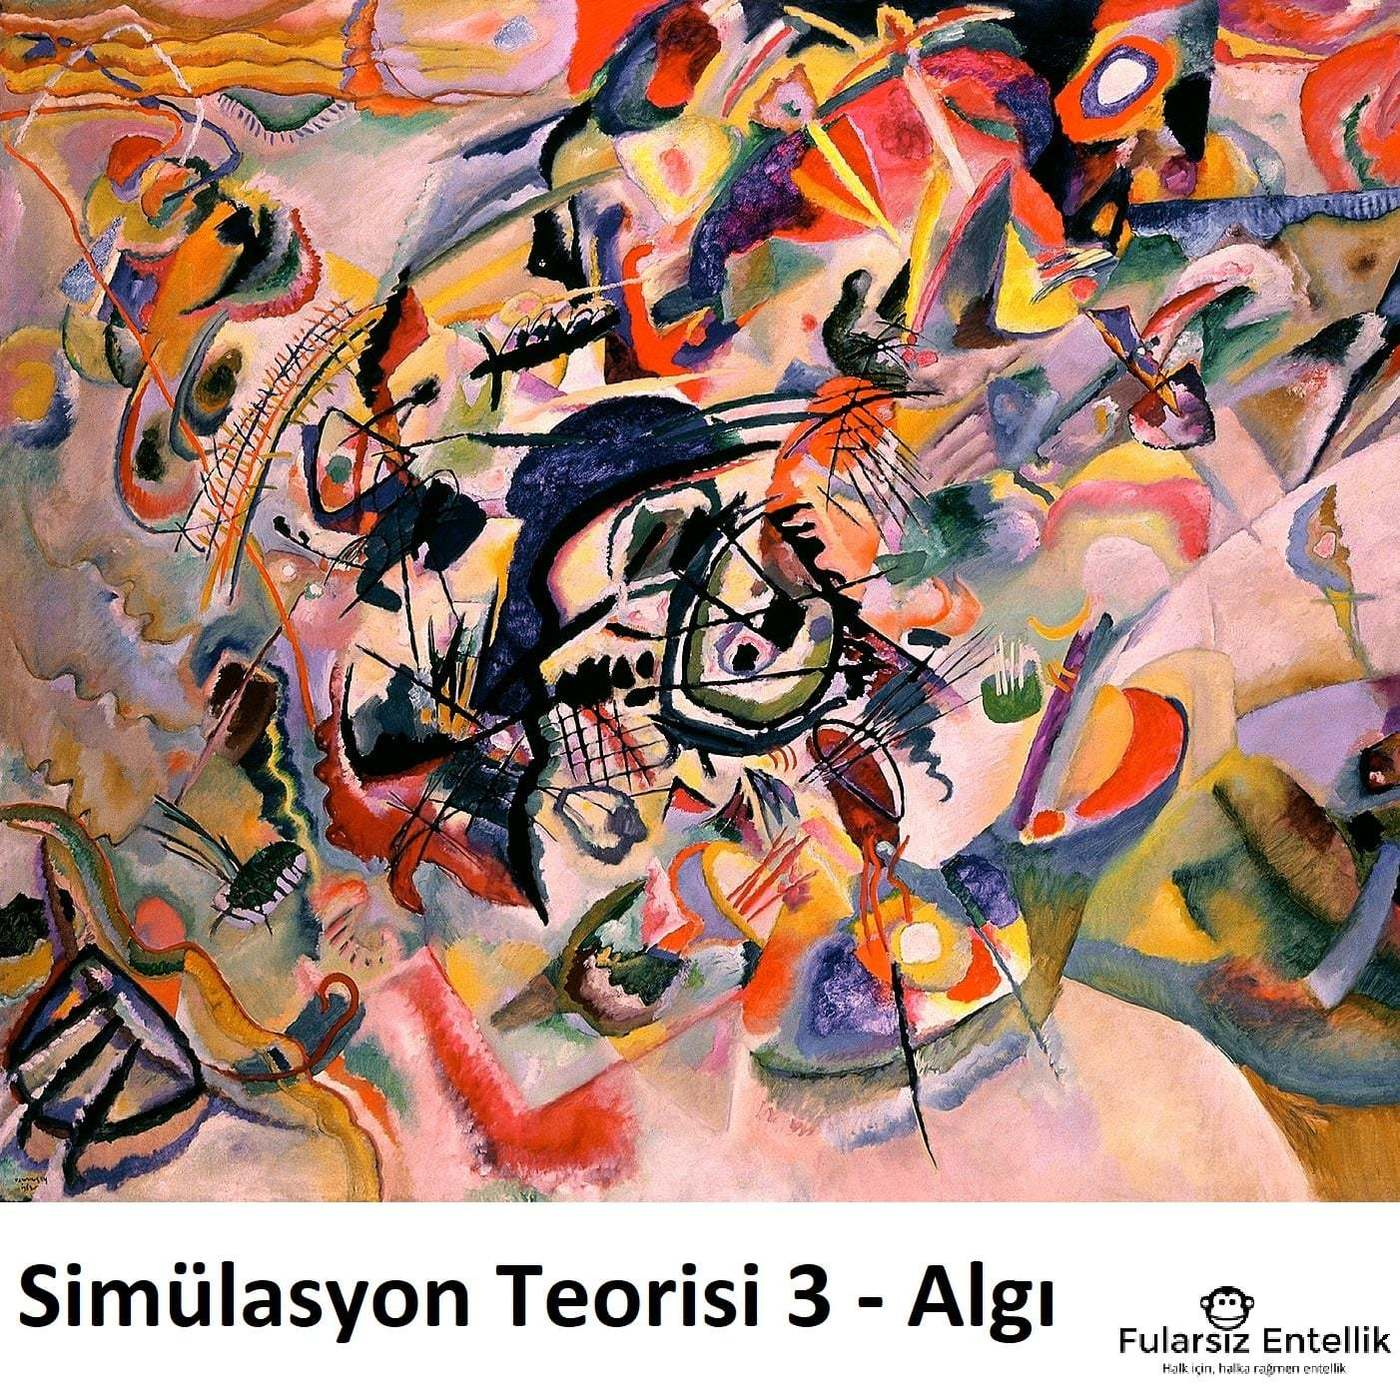 Simülasyon Teorisi 3: Renkleri Duyanlar ve Kuantum Harikalar Diyarı